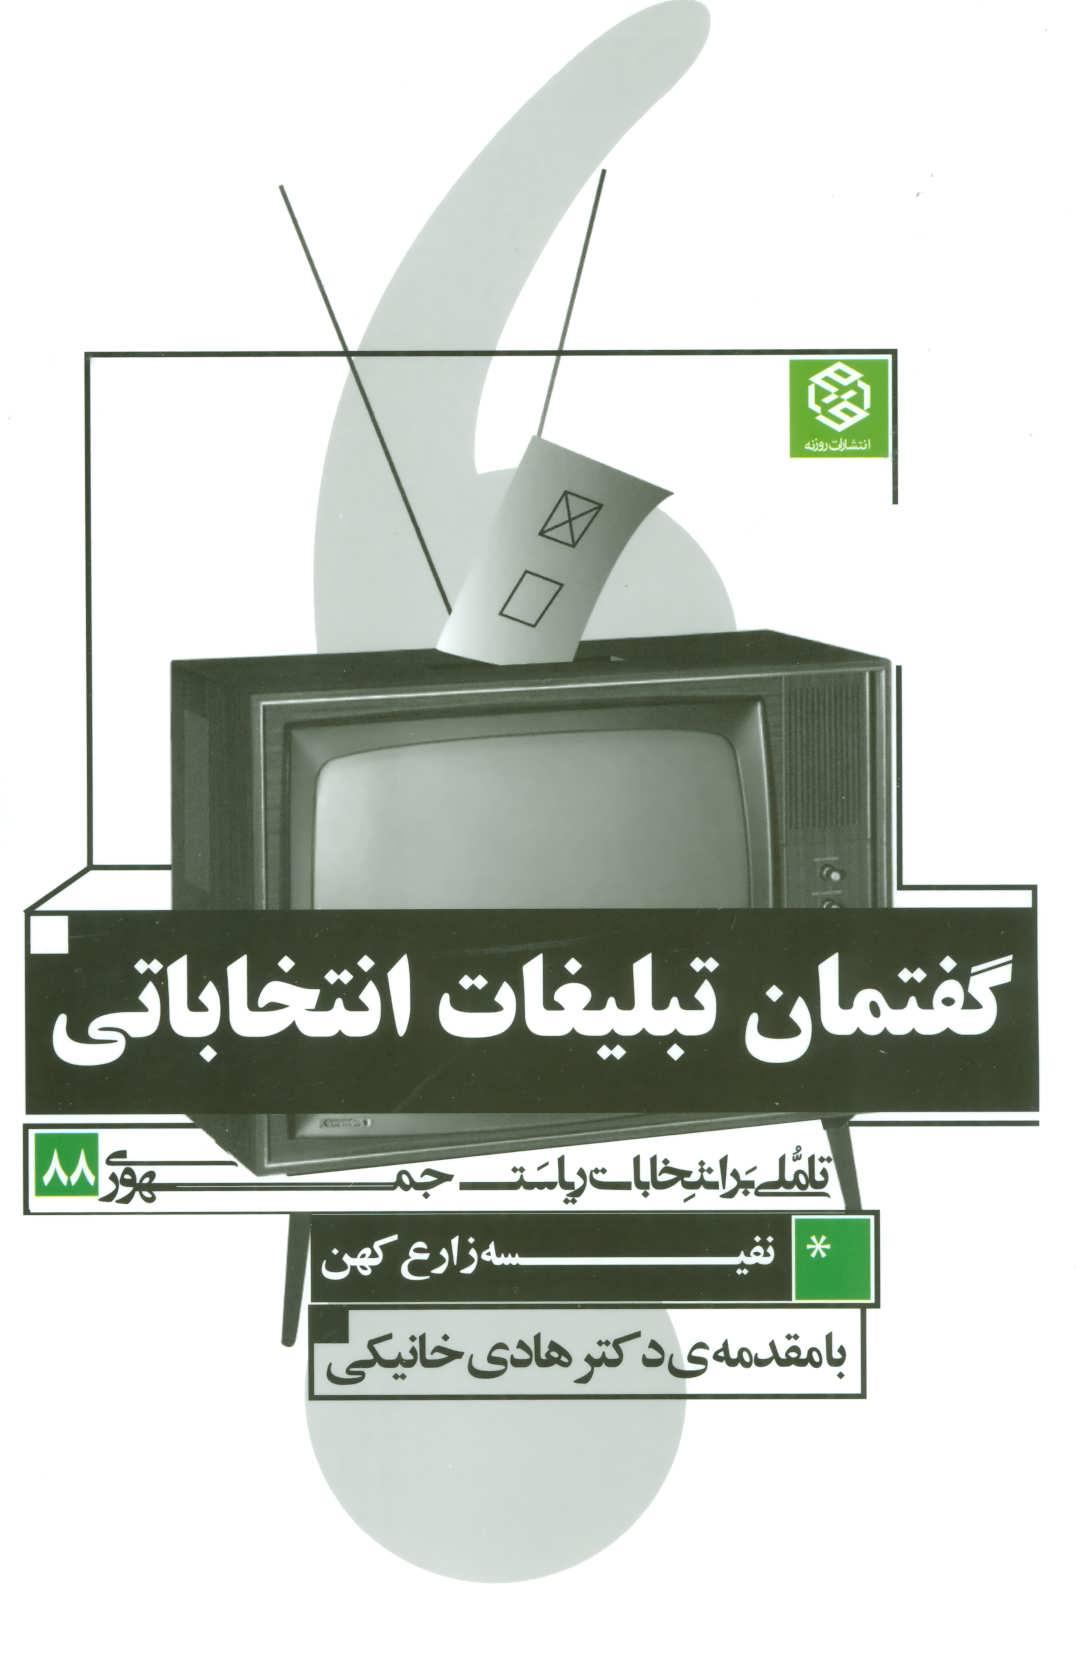 گفتمان تبلیغات انتخاباتی (تاملی بر انتخابات ریاست جمهوری 88)